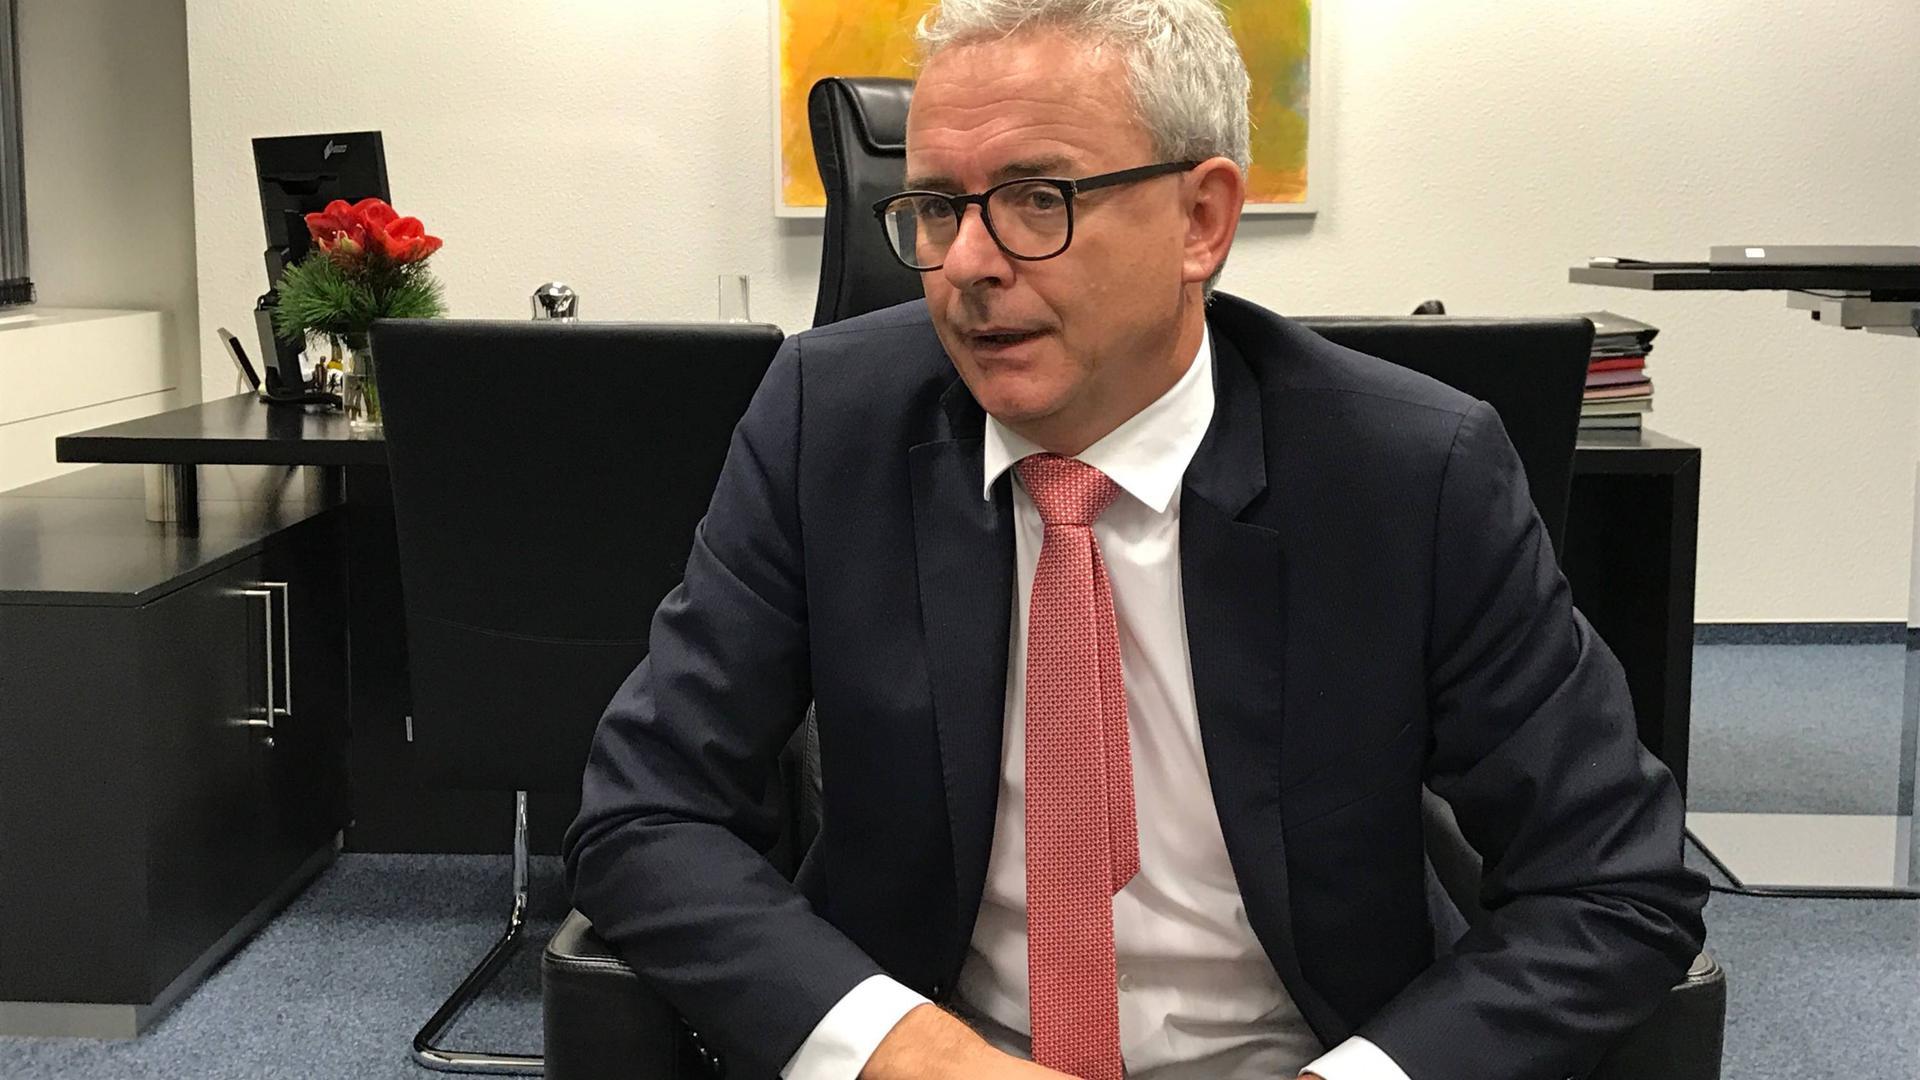 Appell an die Eigenverantwortung: Landrat Christoph Schnaudigel kann die langfristigen Auswirkungen auf den Landkreis noch nicht abschätzen.